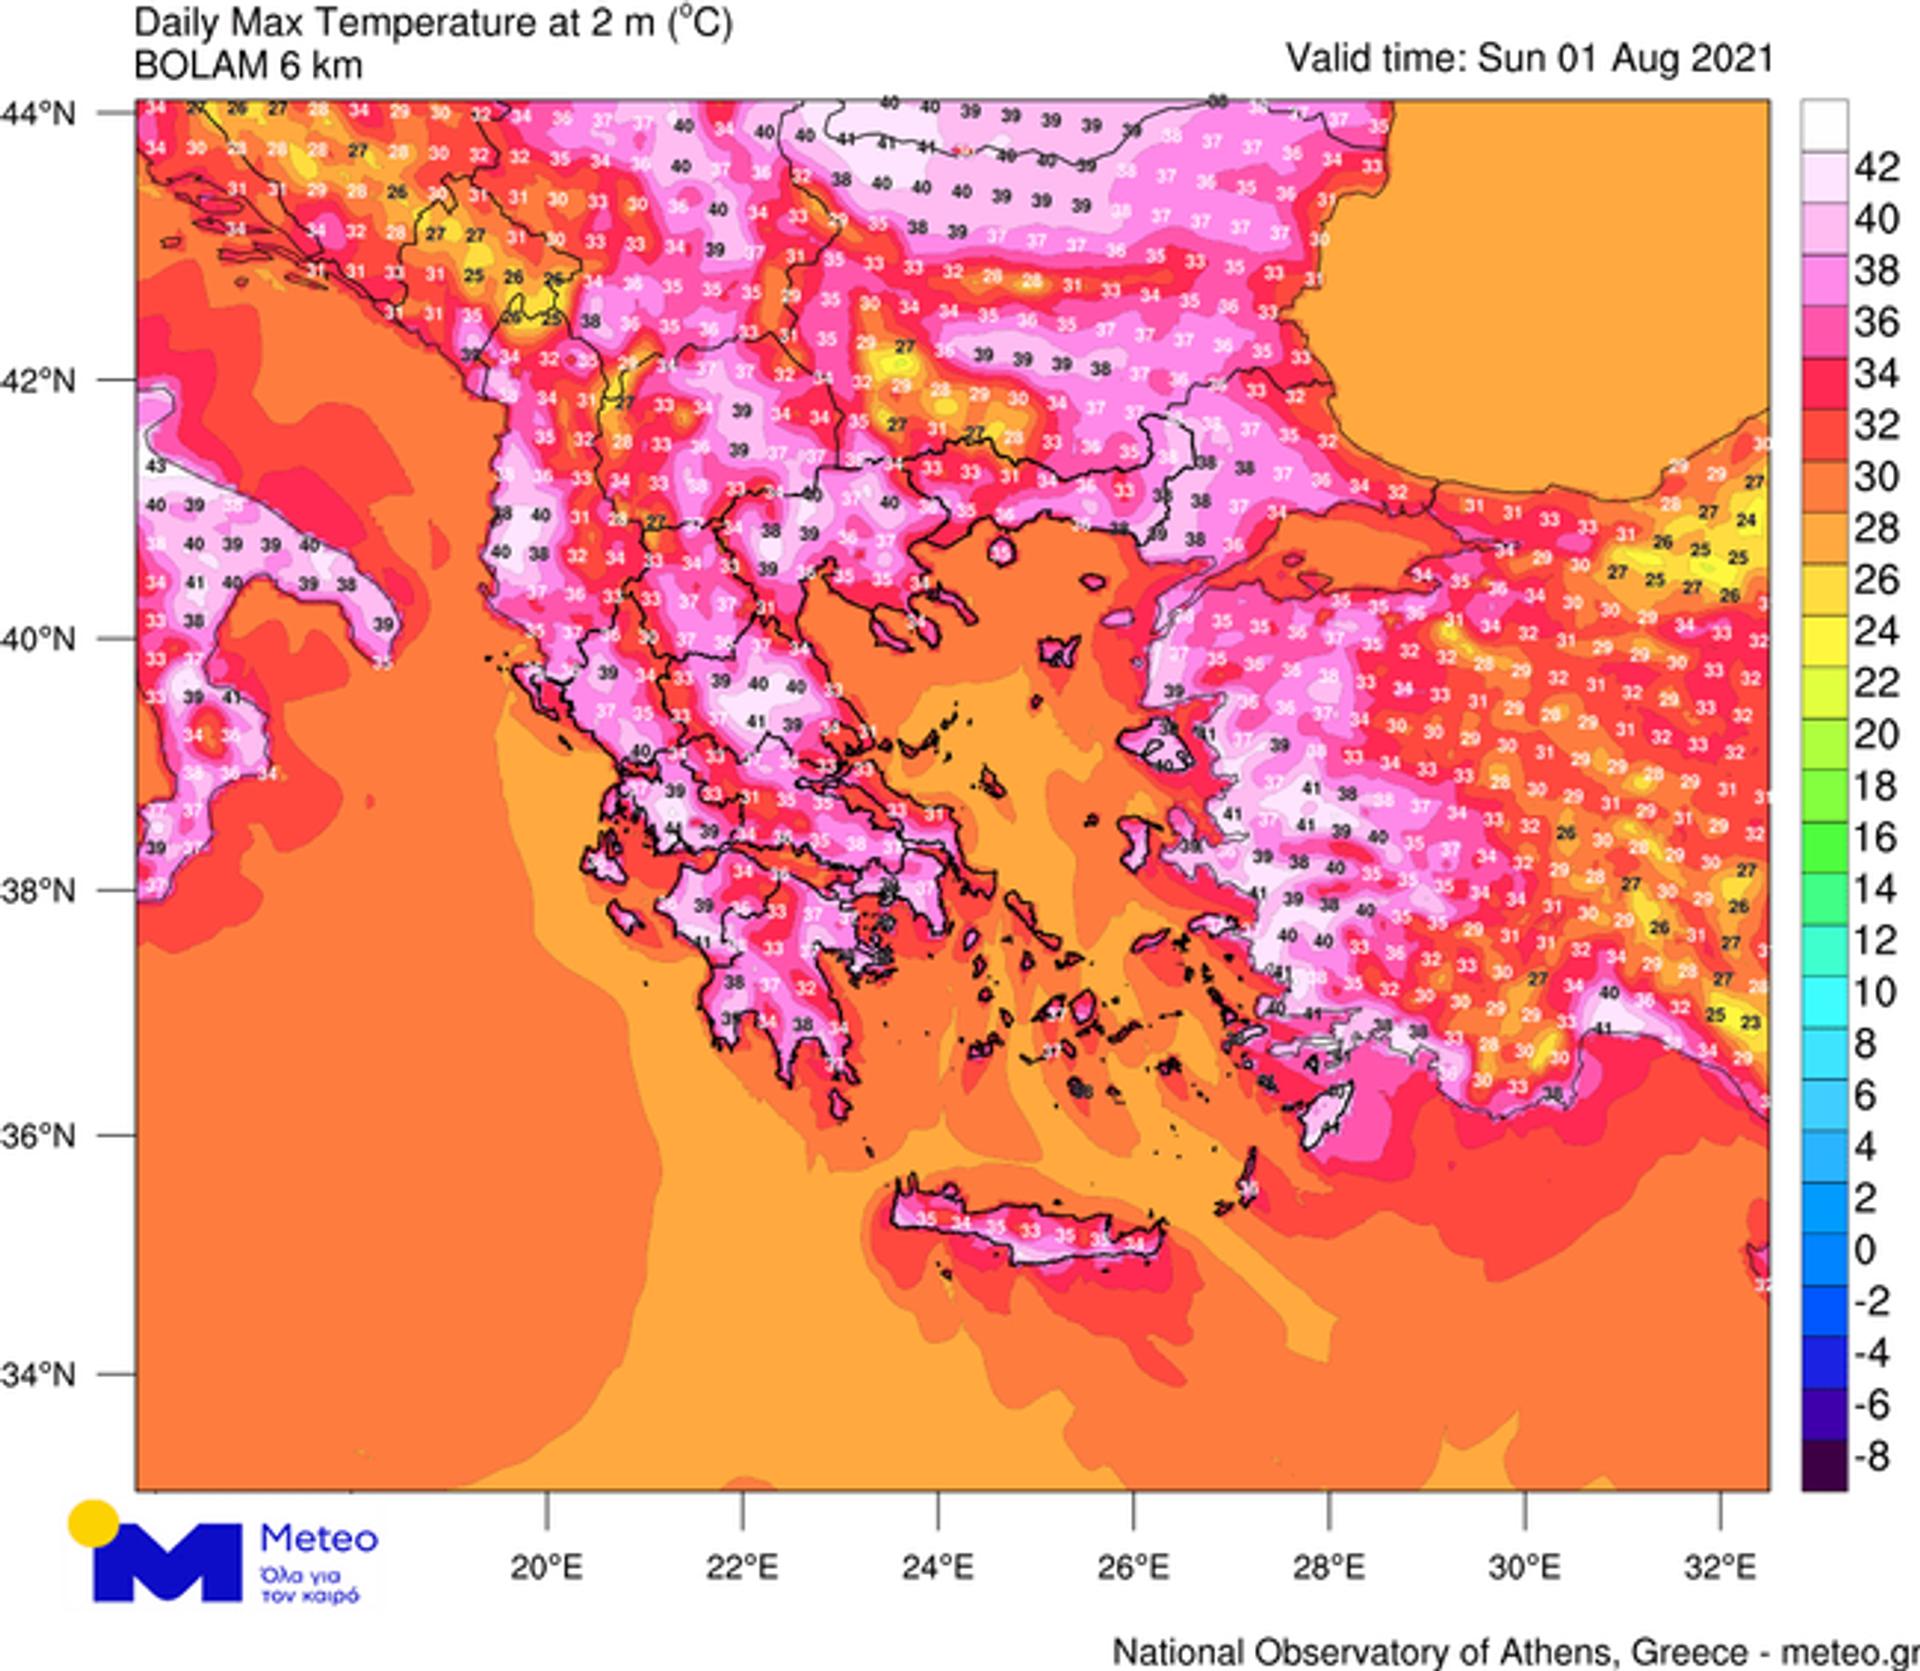 Χάρτης: Καύσωνας σήμερα Κυριακή (1/8) - Sputnik Ελλάδα, 1920, 01.08.2021